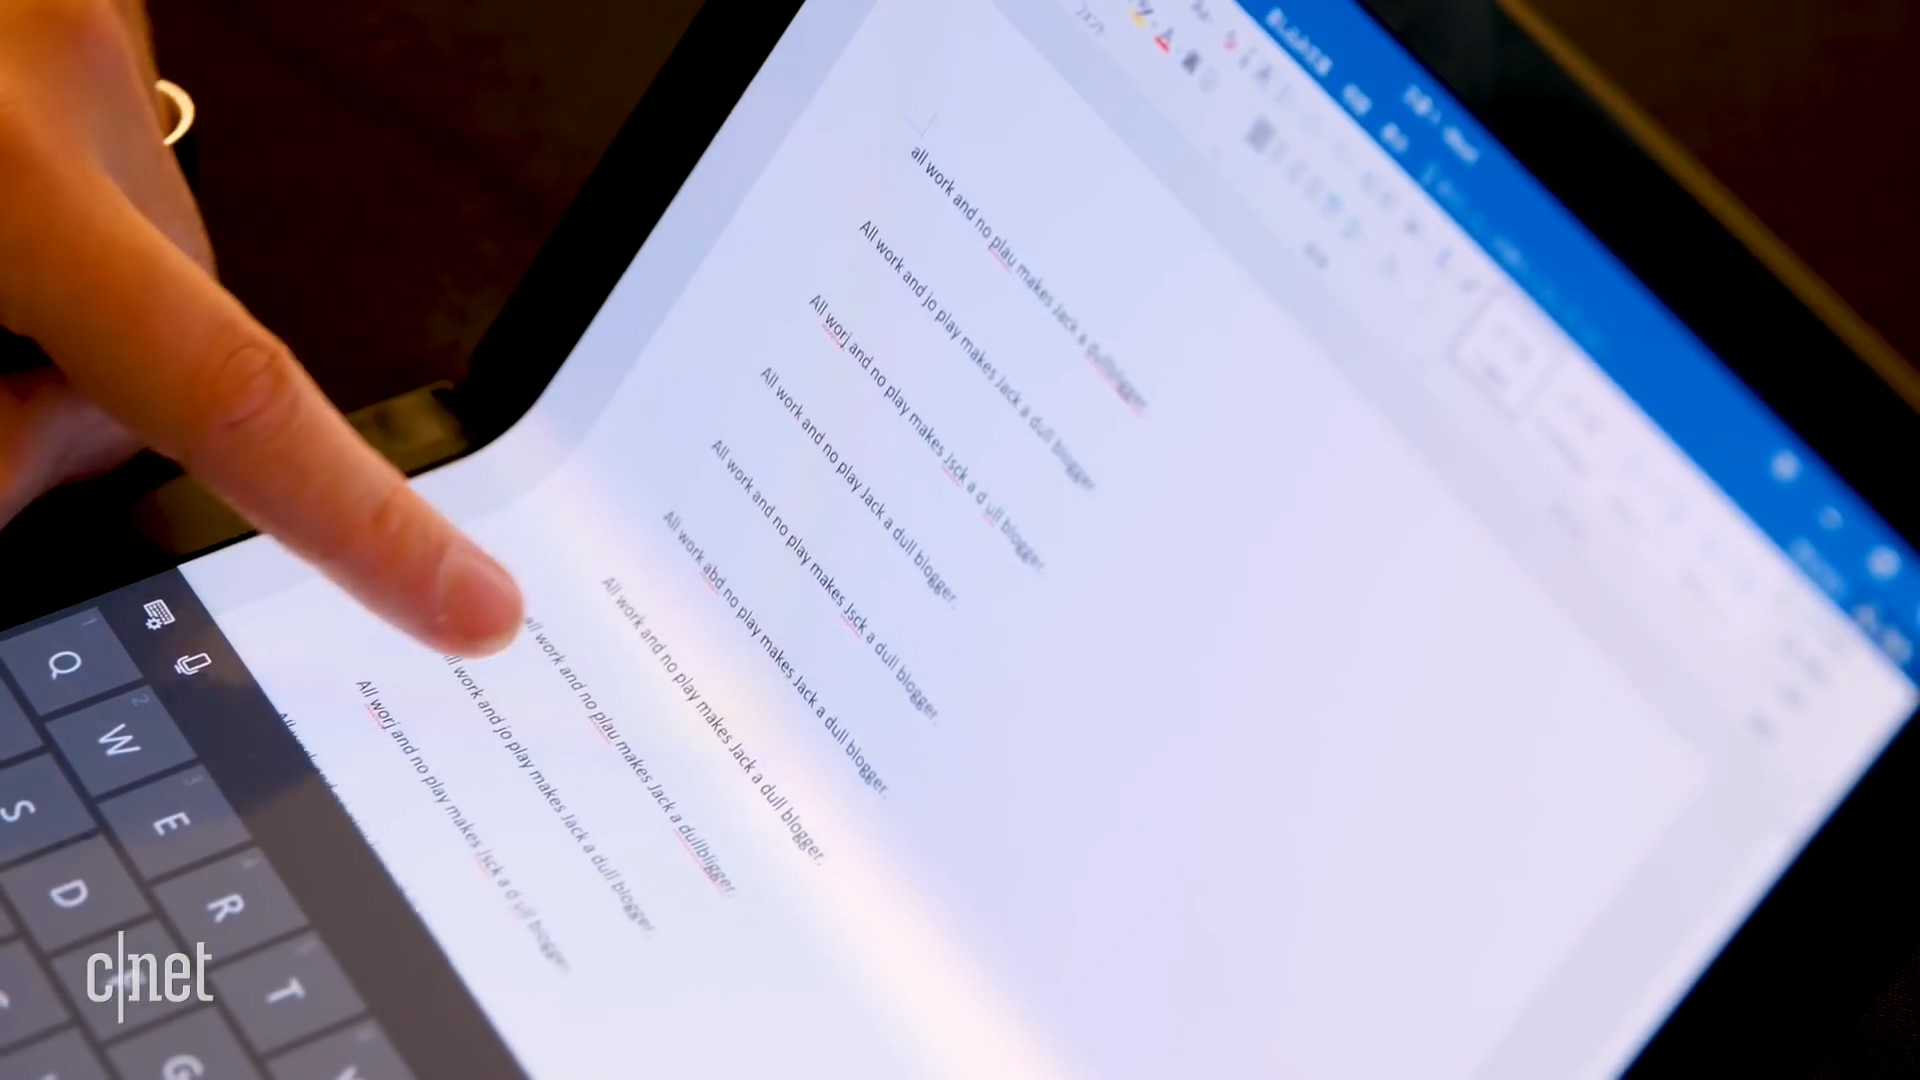 联想发布全球首款折叠屏电脑 2020年上市、上手视频一览